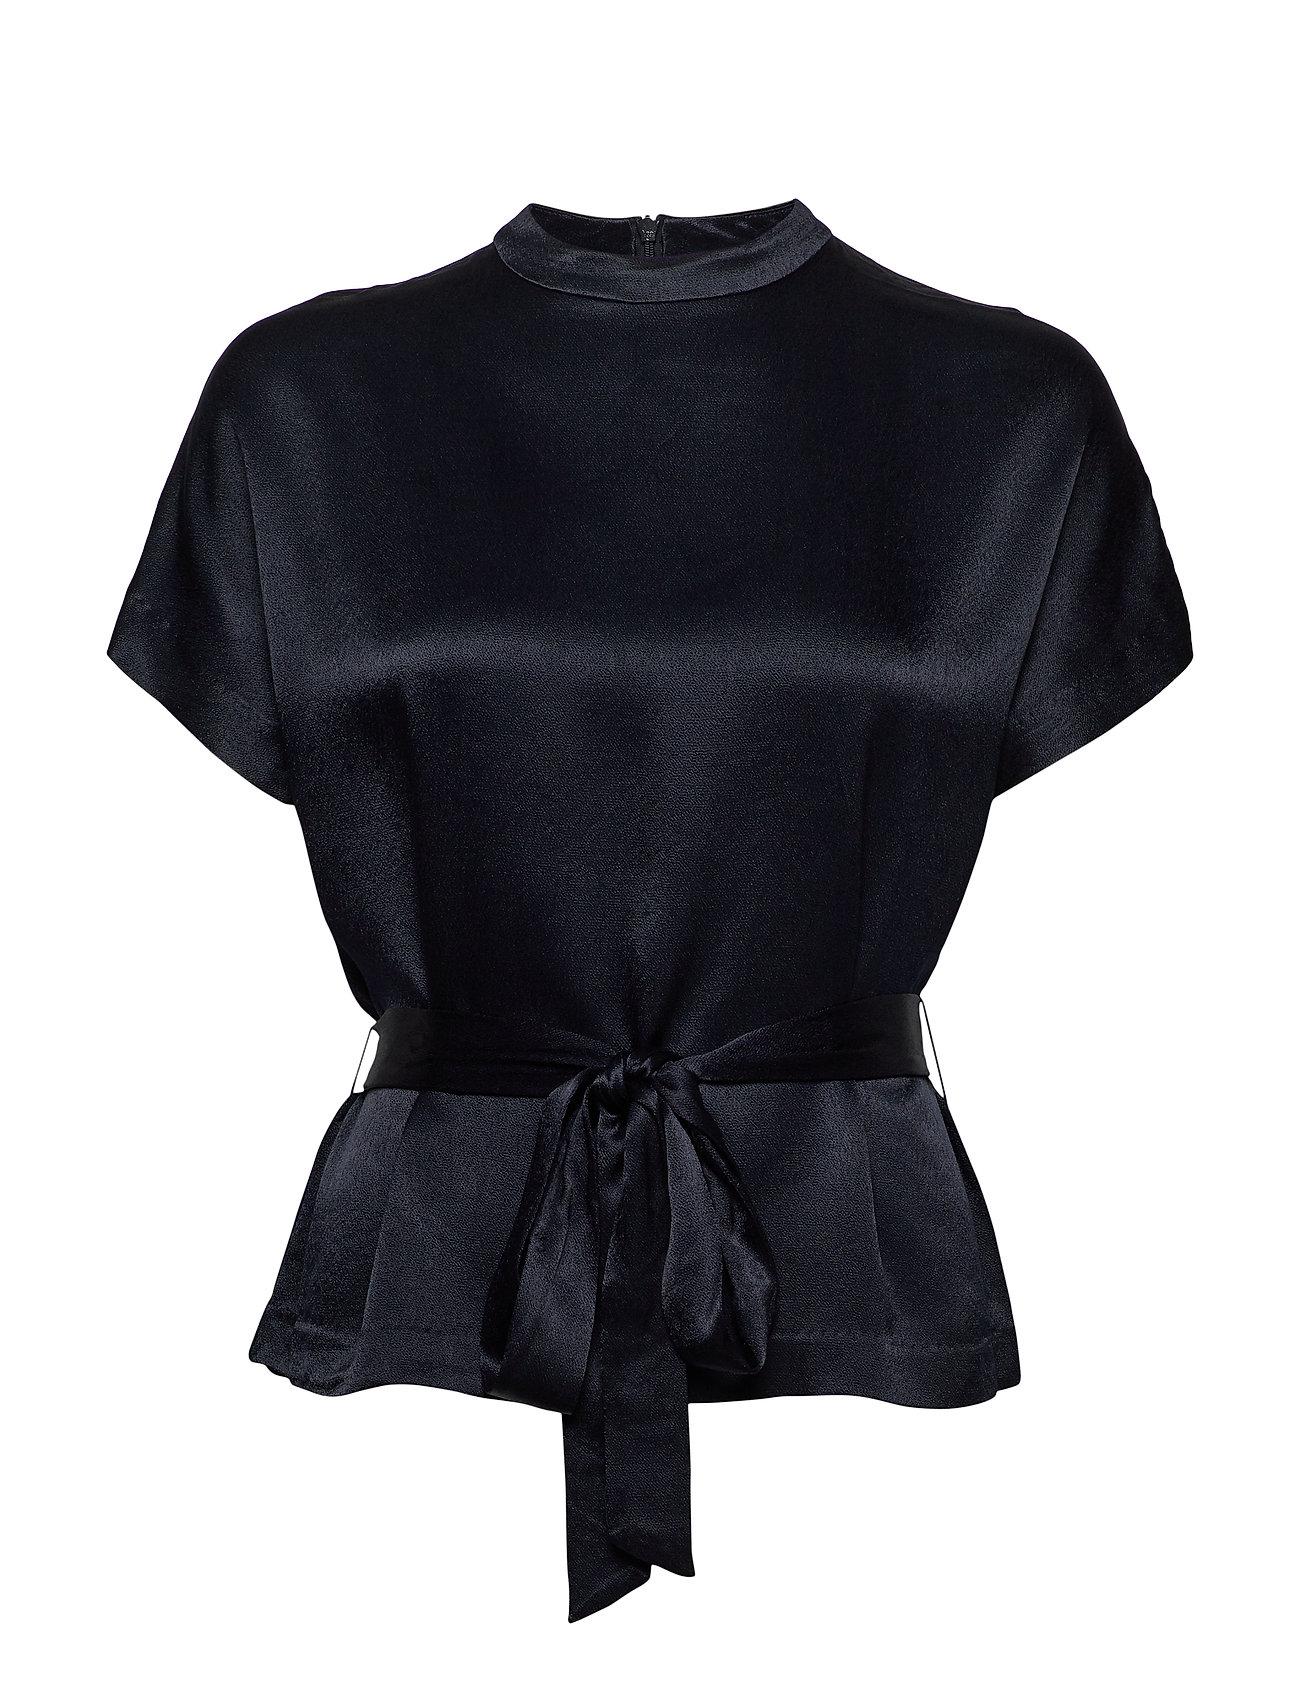 Samsøe & Samsøe Kimberly blouse ss 10447 - NIGHT SKY